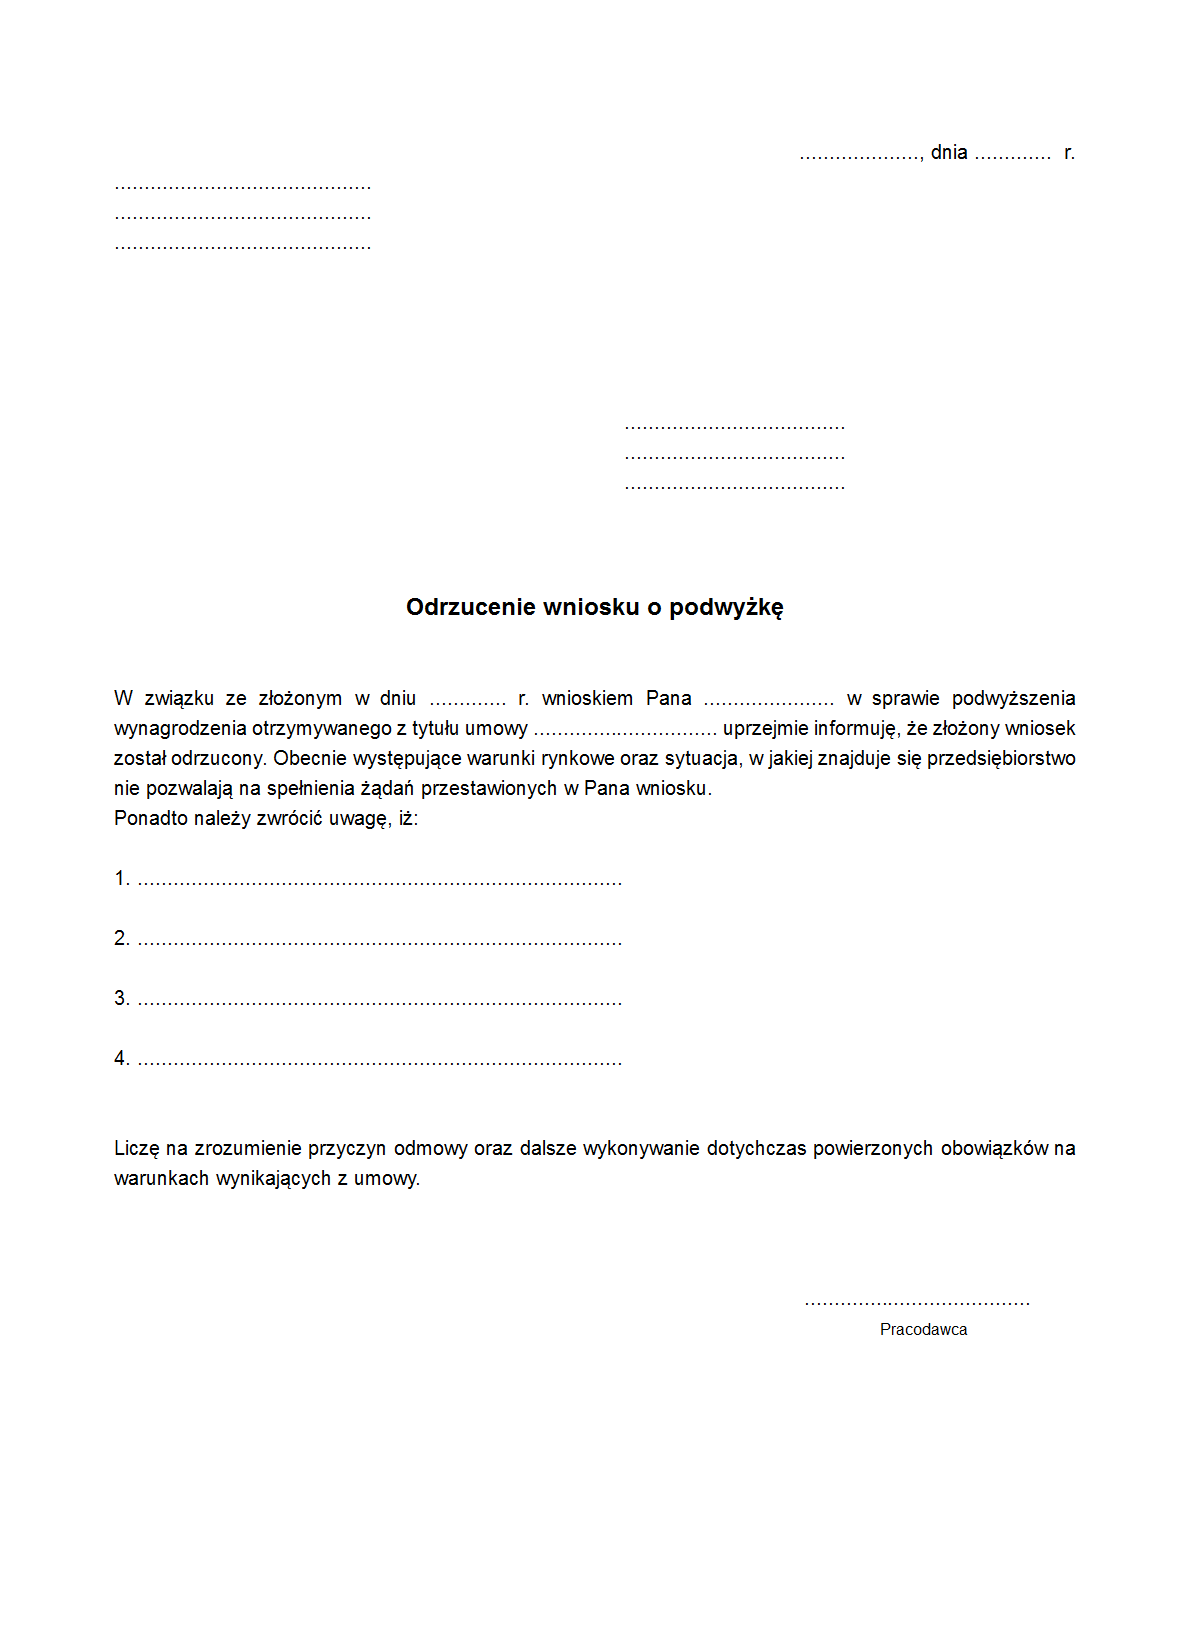 Owop Odrzucenie Wniosku O Podwyżkę Druk Formularz Online